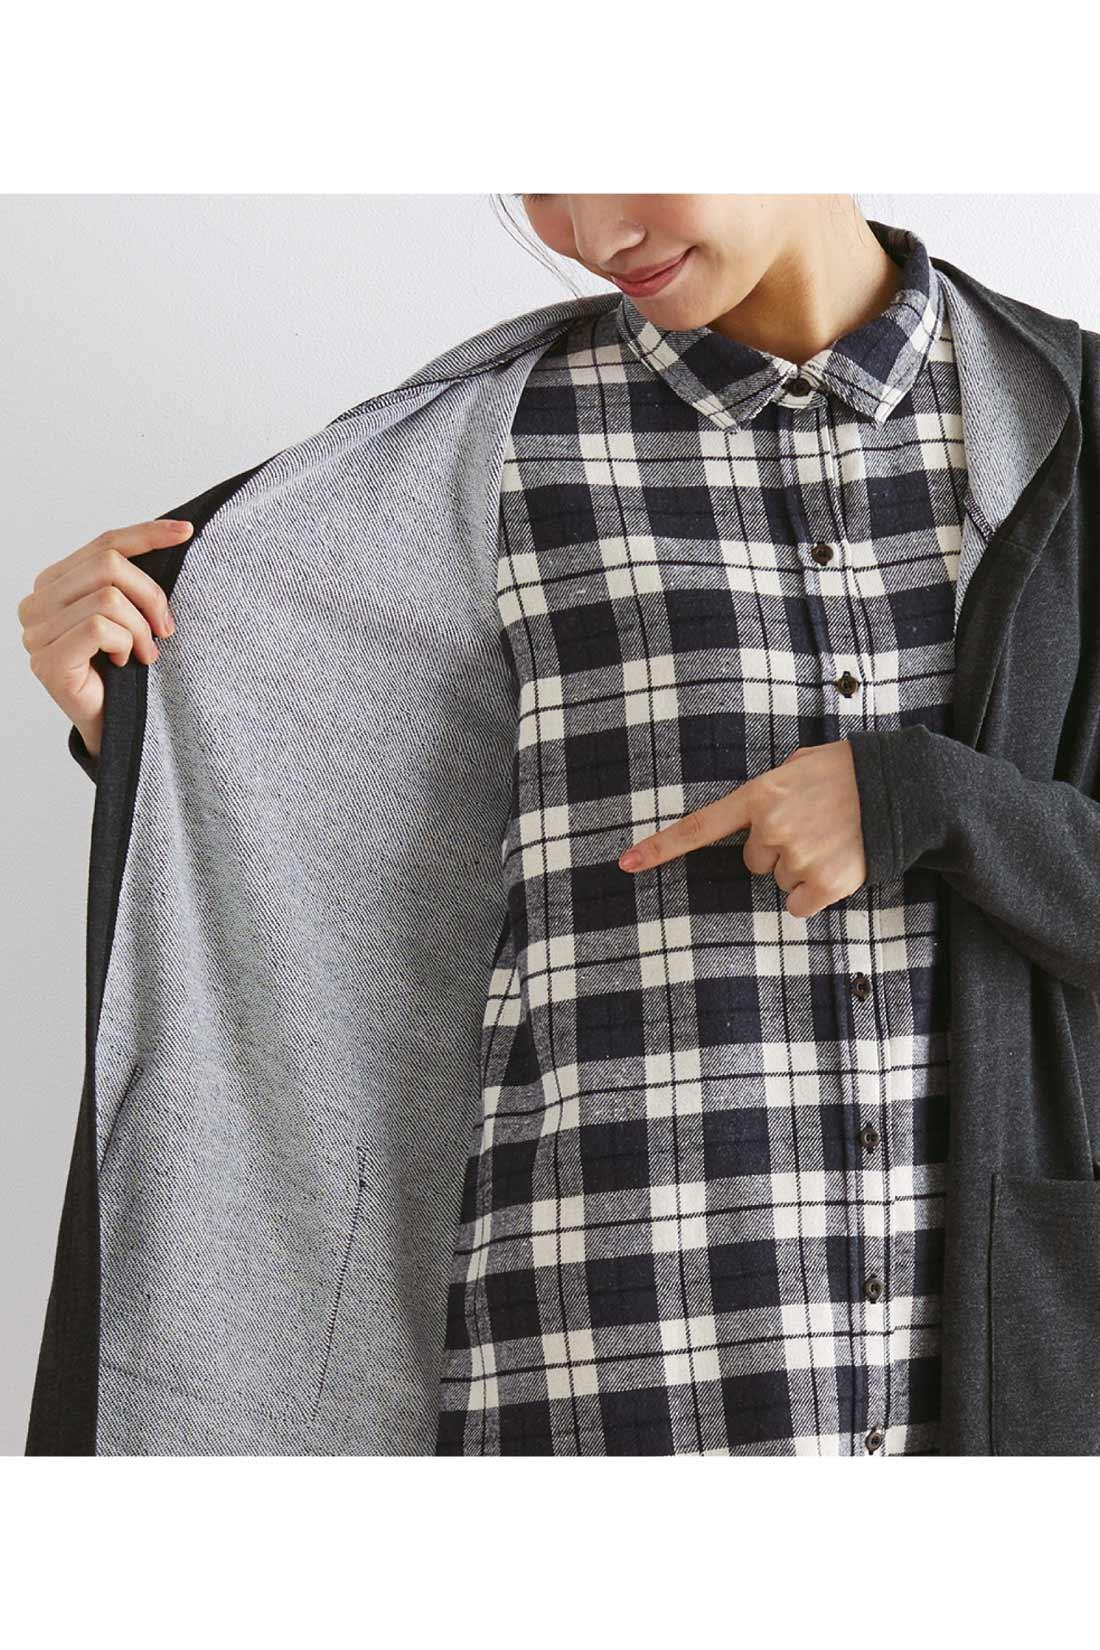 前身ごろのみシャツとパーカーがくっついた2枚仕立て。※着用イメージです。お届けするカラーとは異なります。